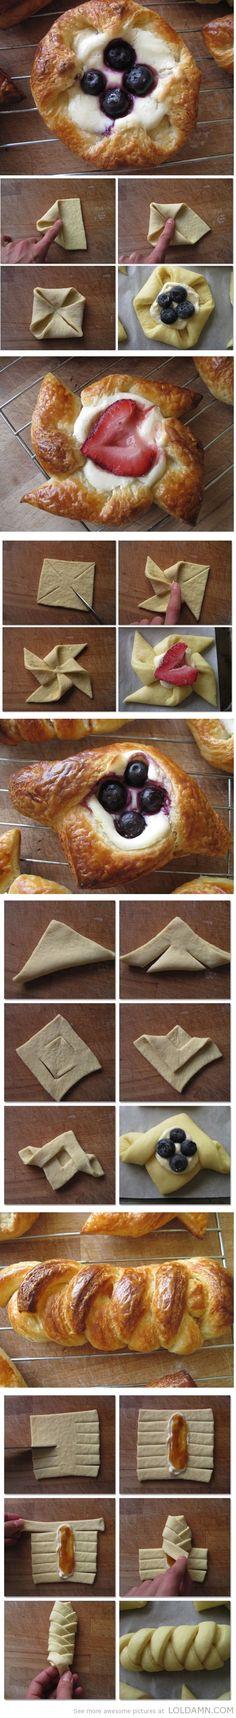 Pastries, yum!